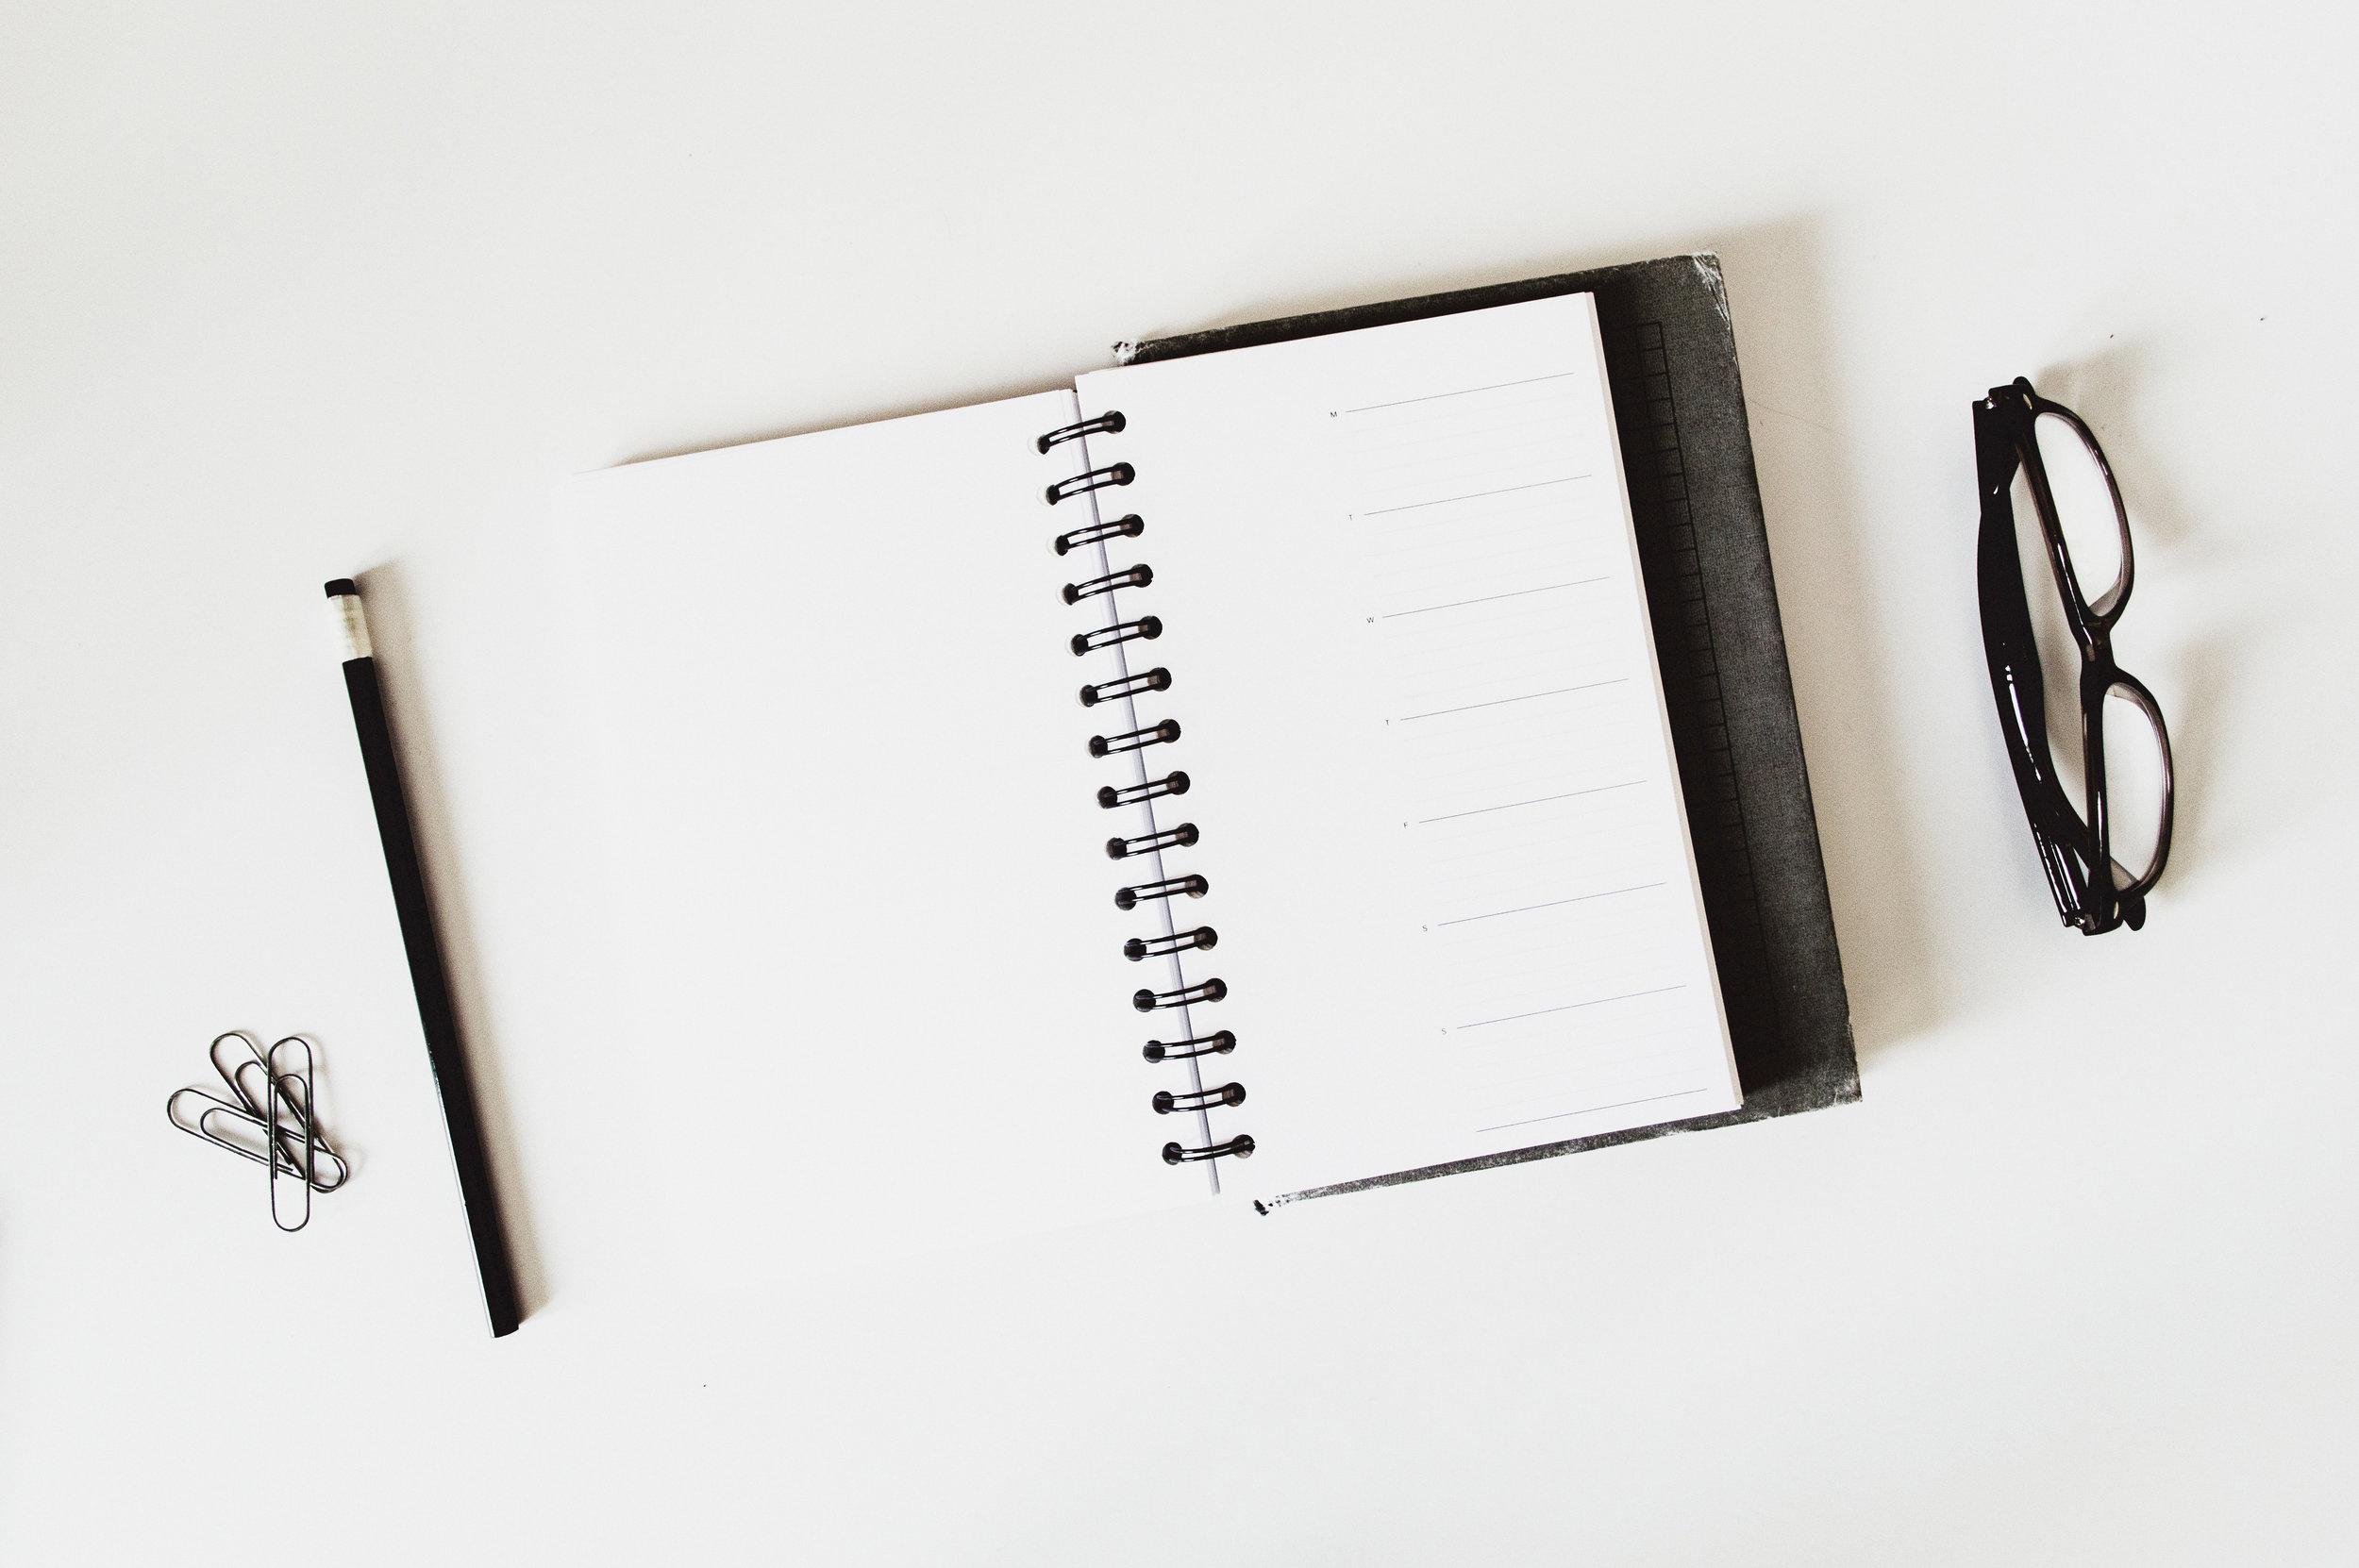 Våre beste tips til foredrag og bedriftsinterne kurs i deres lokaler     Forberedelsene gjør ofte den store forskjellen. Vi deler 6 tips for å lykkes med å sette opp gode foredrag og bedriftsinterne kurs som deltakerne kommer til å snakke om lenge etter denne dagen .